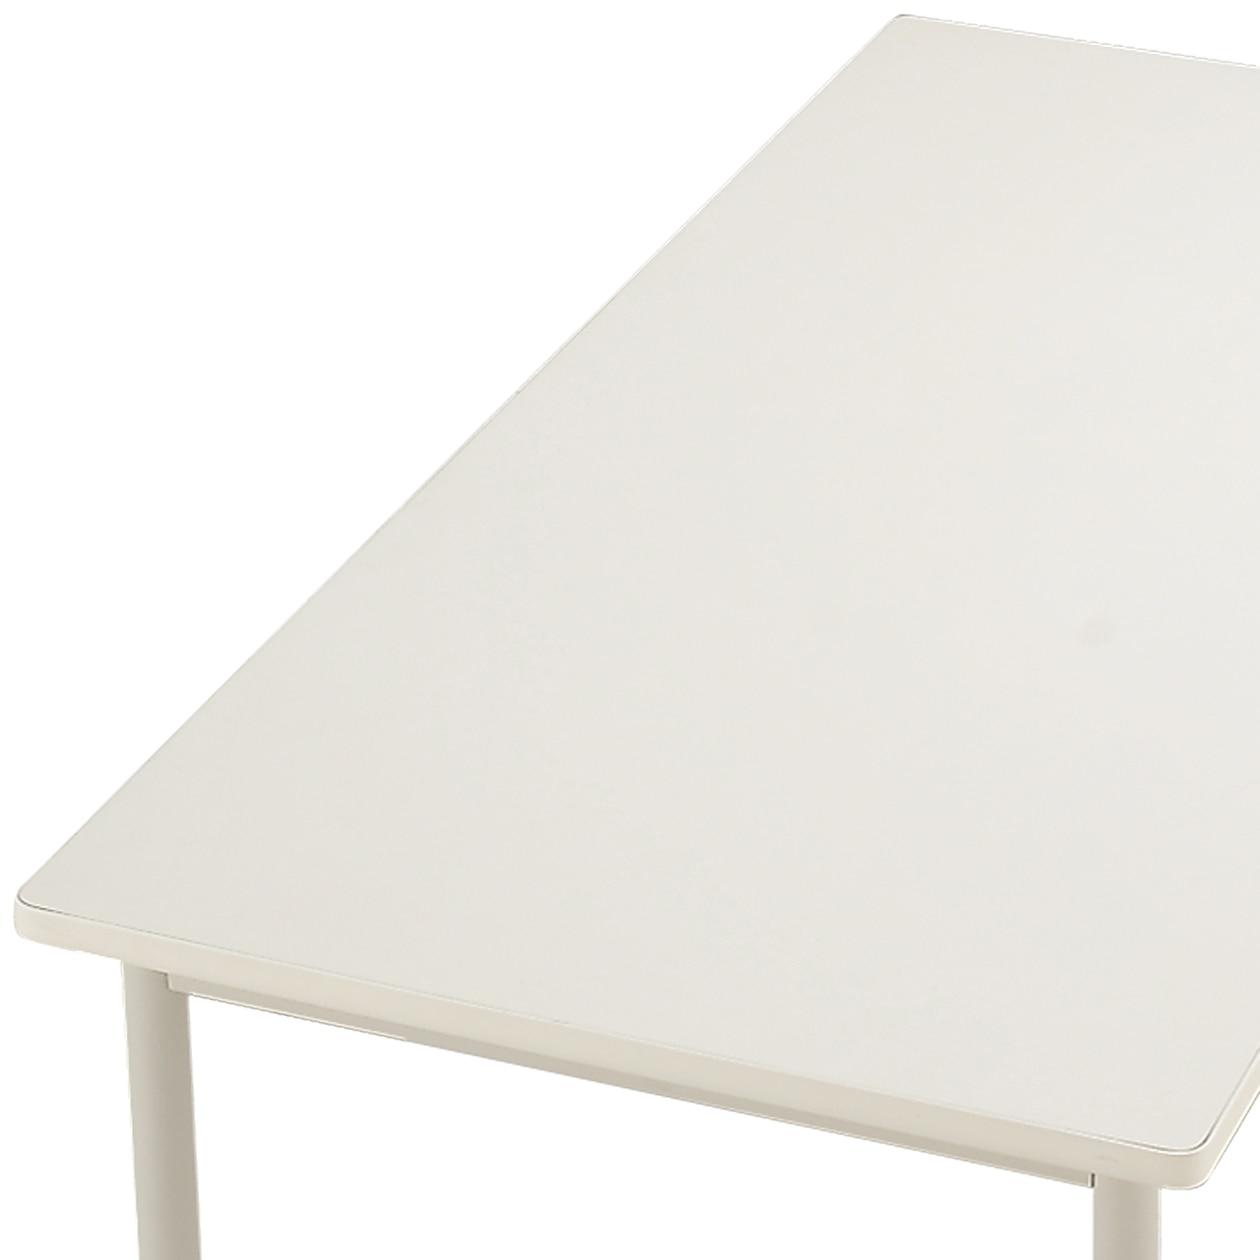 デスク天板・メラミン・幅150cm/白(システムタイプ)